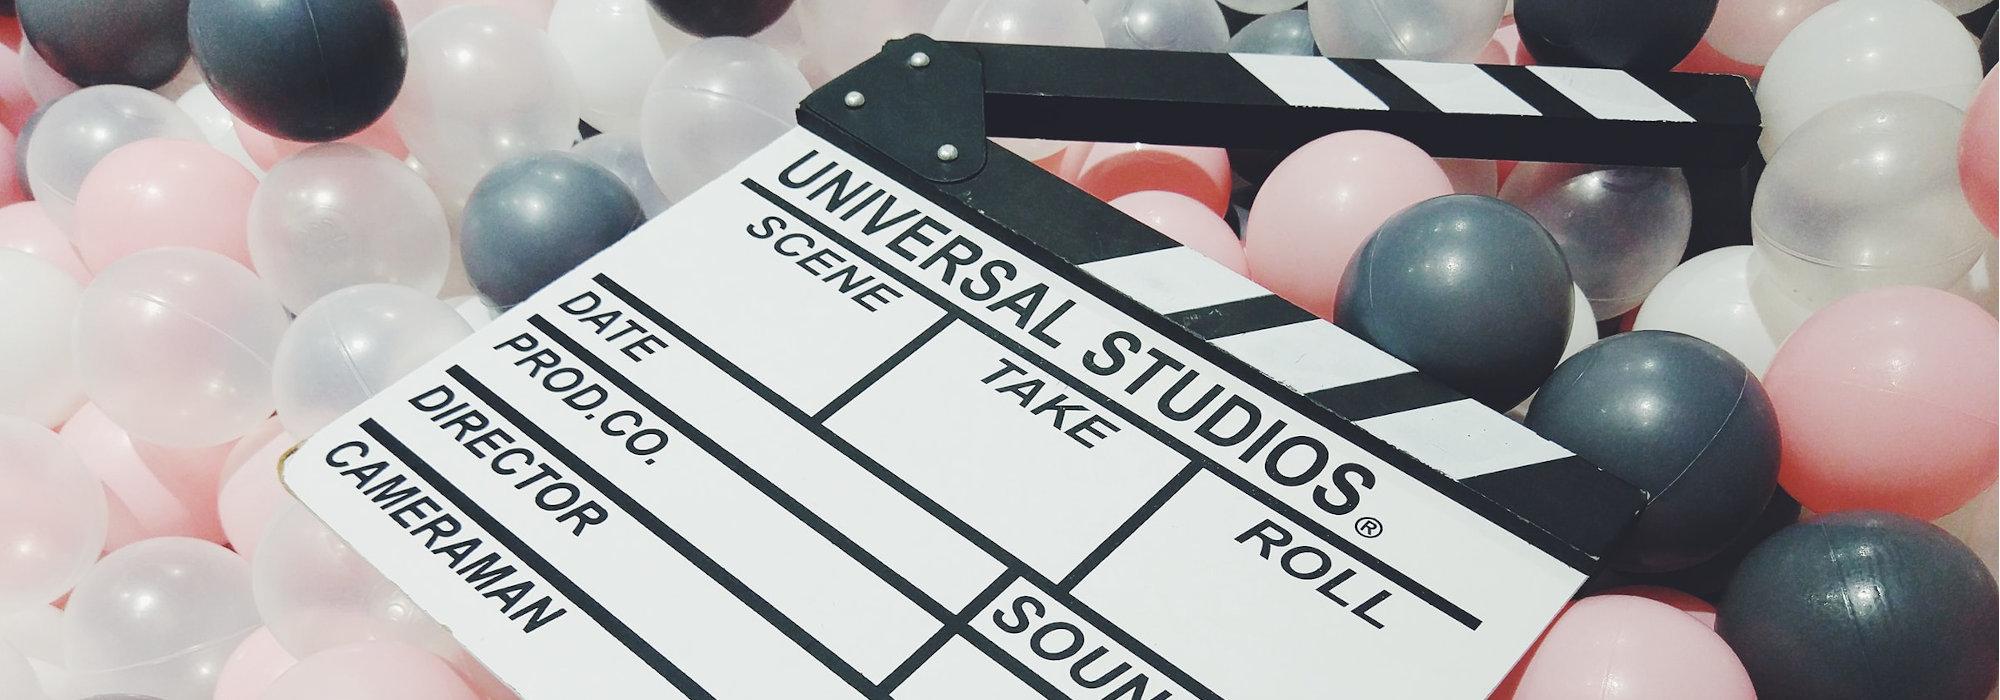 nauczycielu, nagraj film